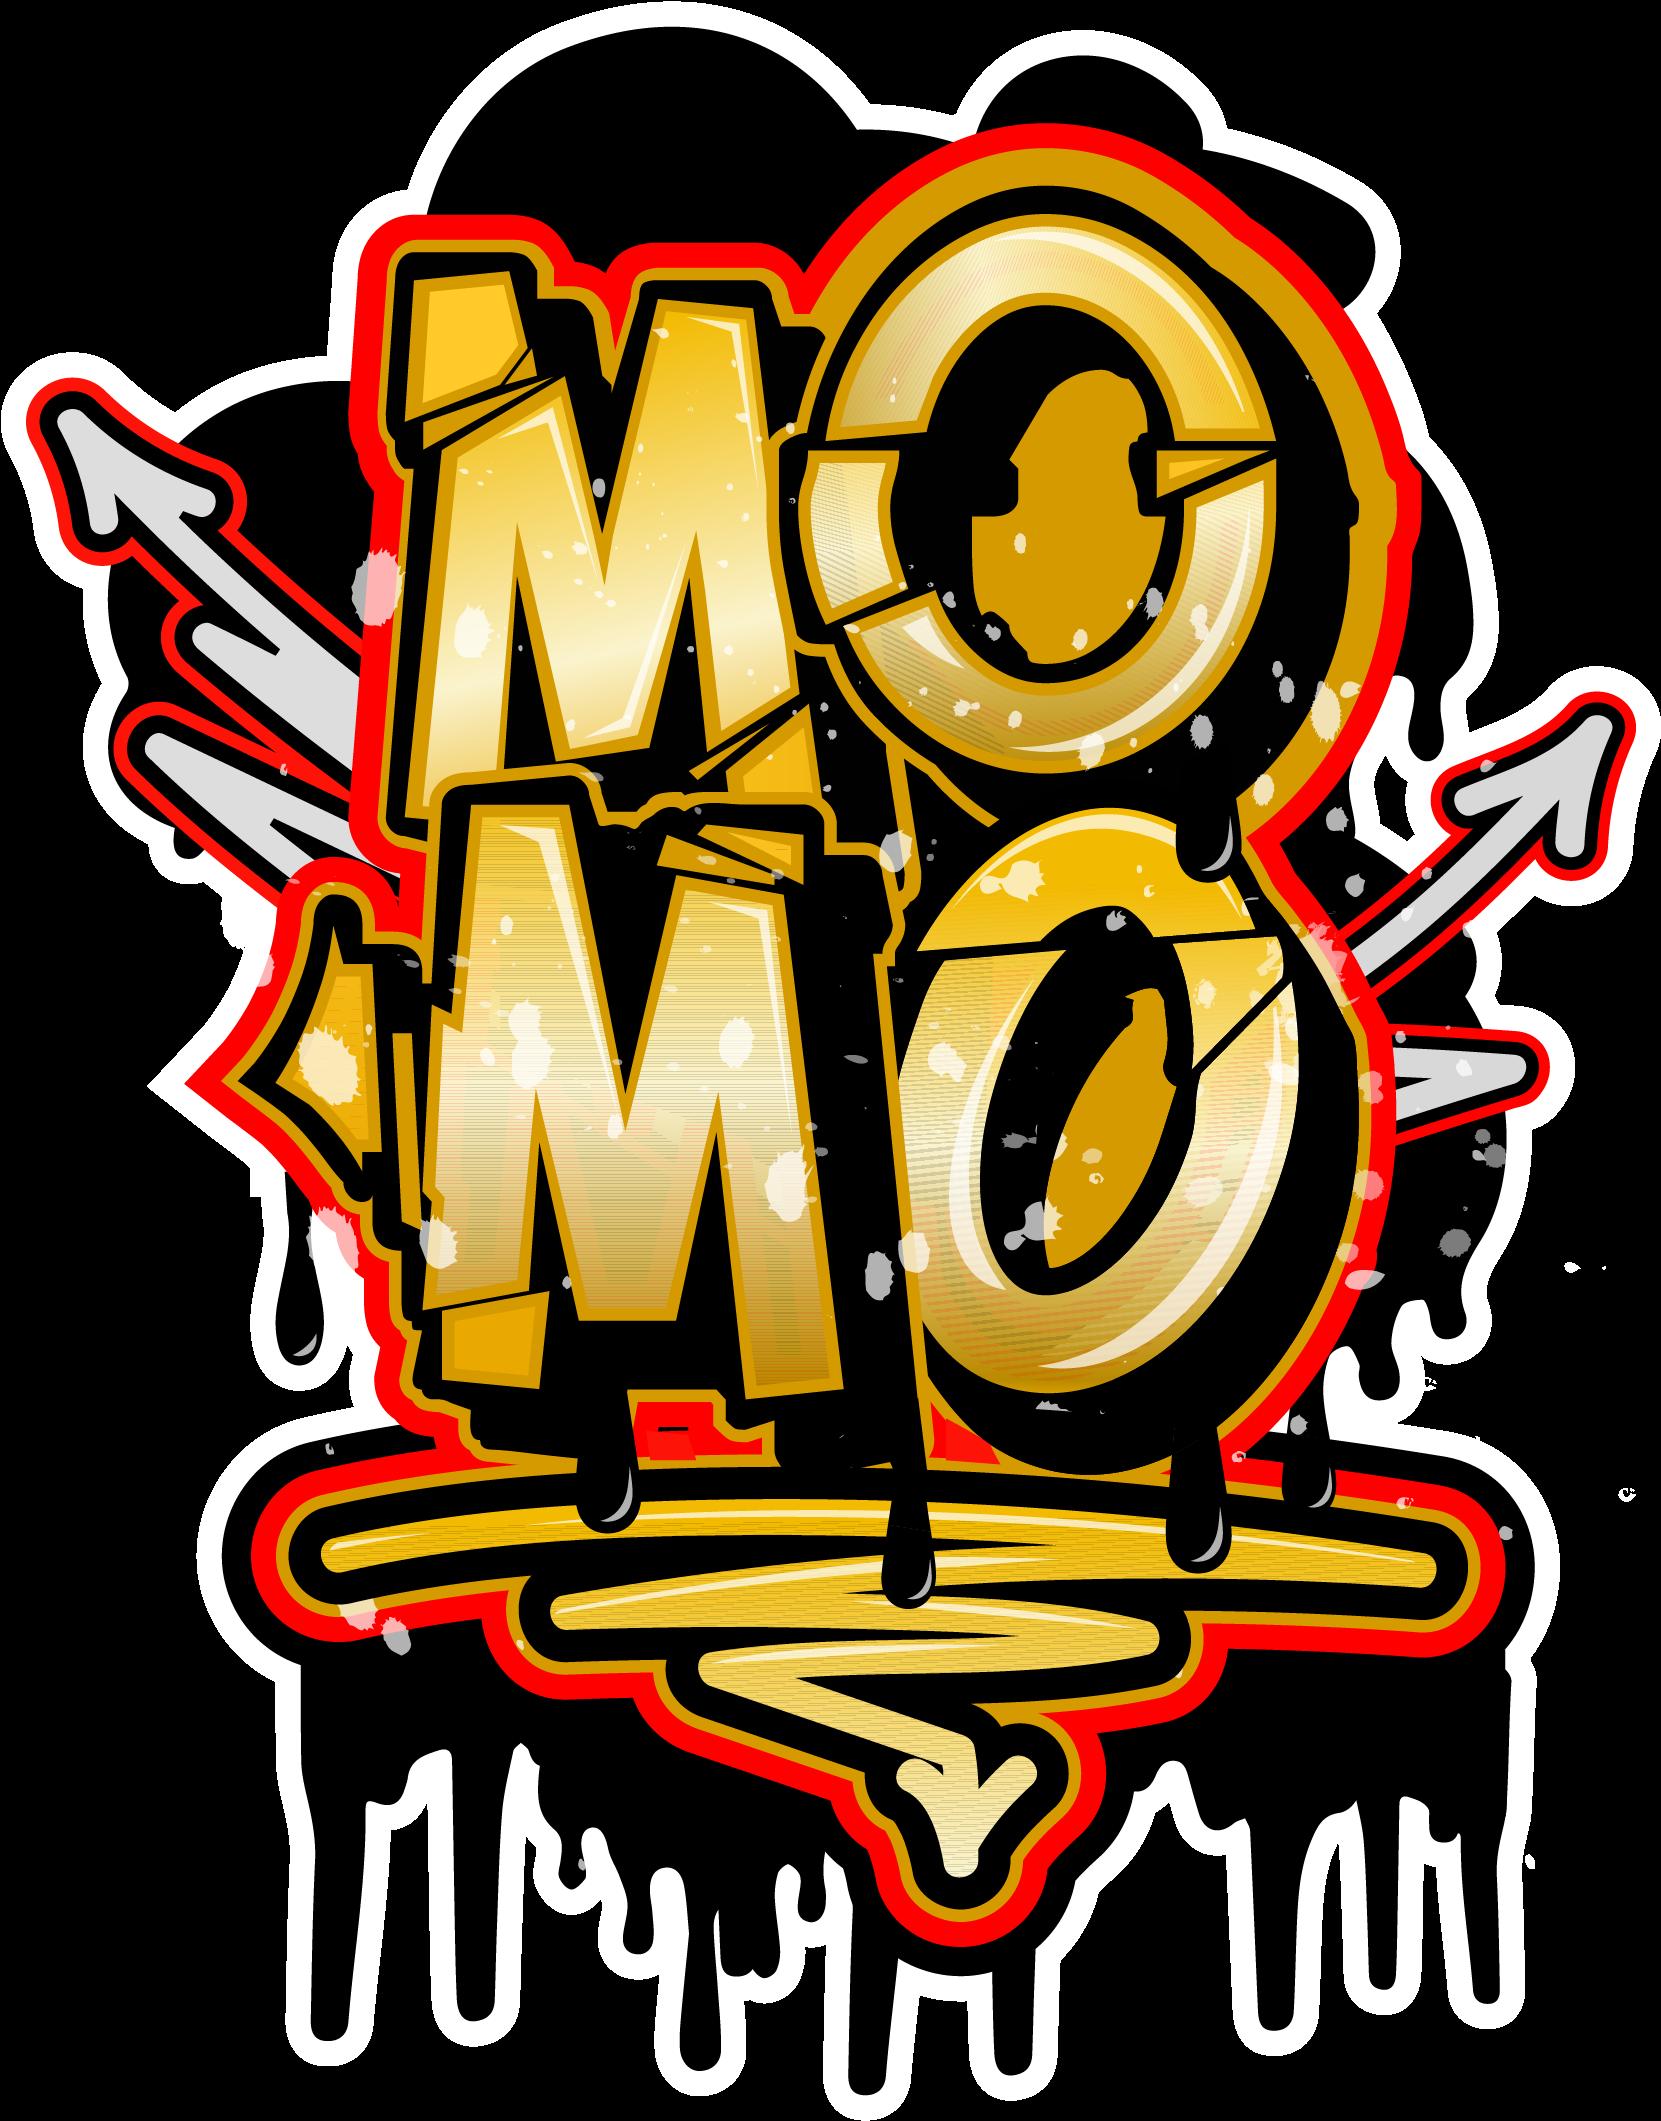 Transparent graphic design clip art - Momo Dj Logo - Dj 2019 Logo